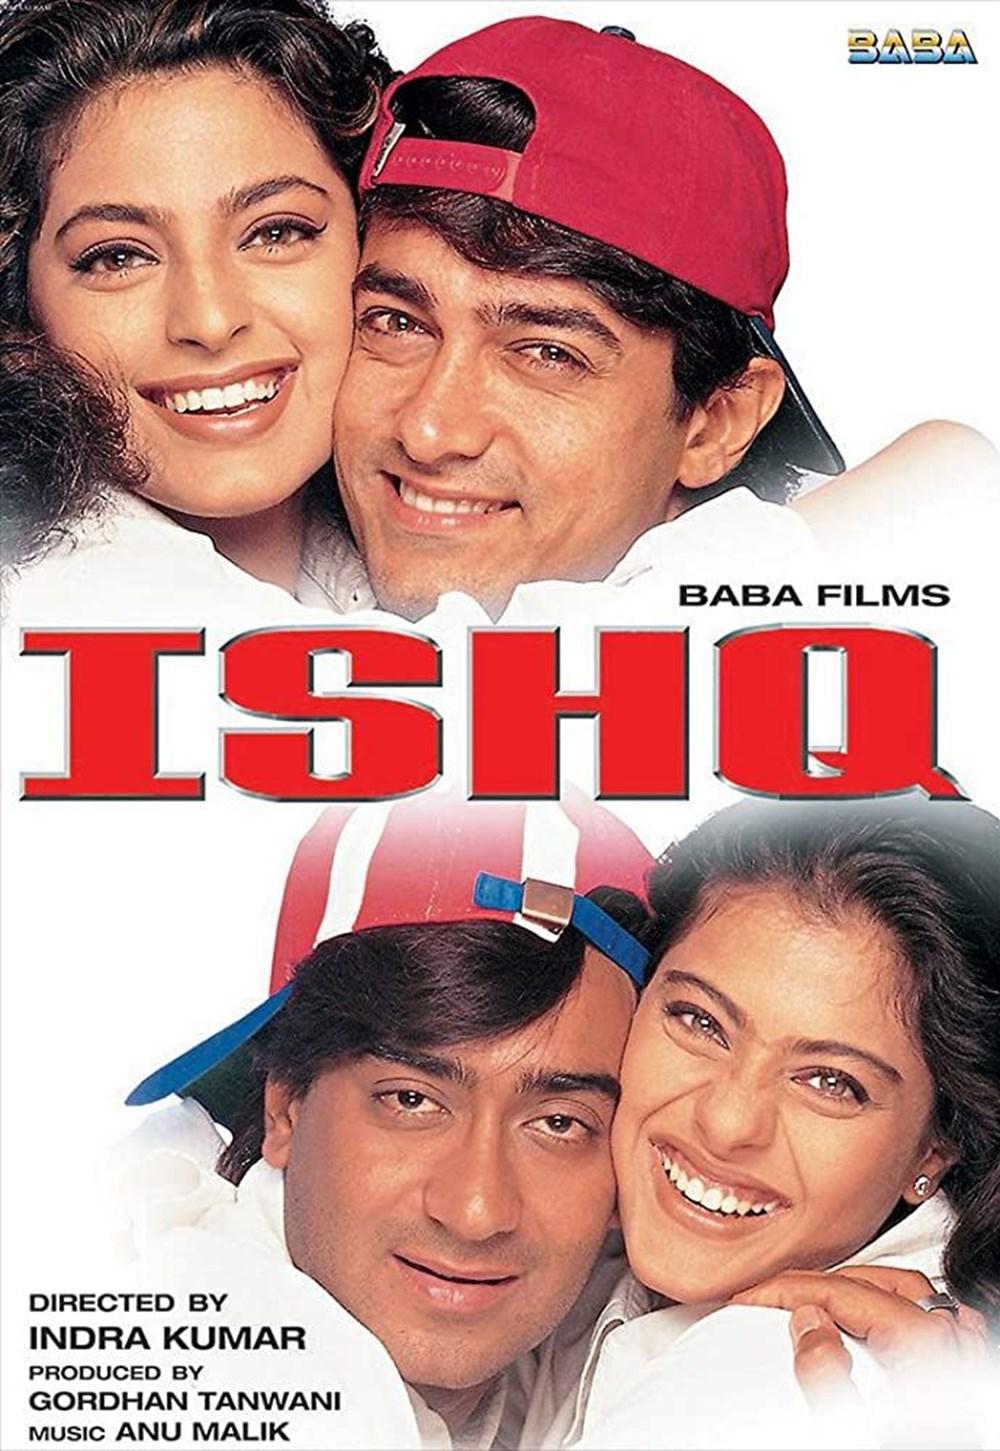 En iyi Aamir Khan filmleri (Aamir Khan'ın izlenmesi gereken filmleri) - 9